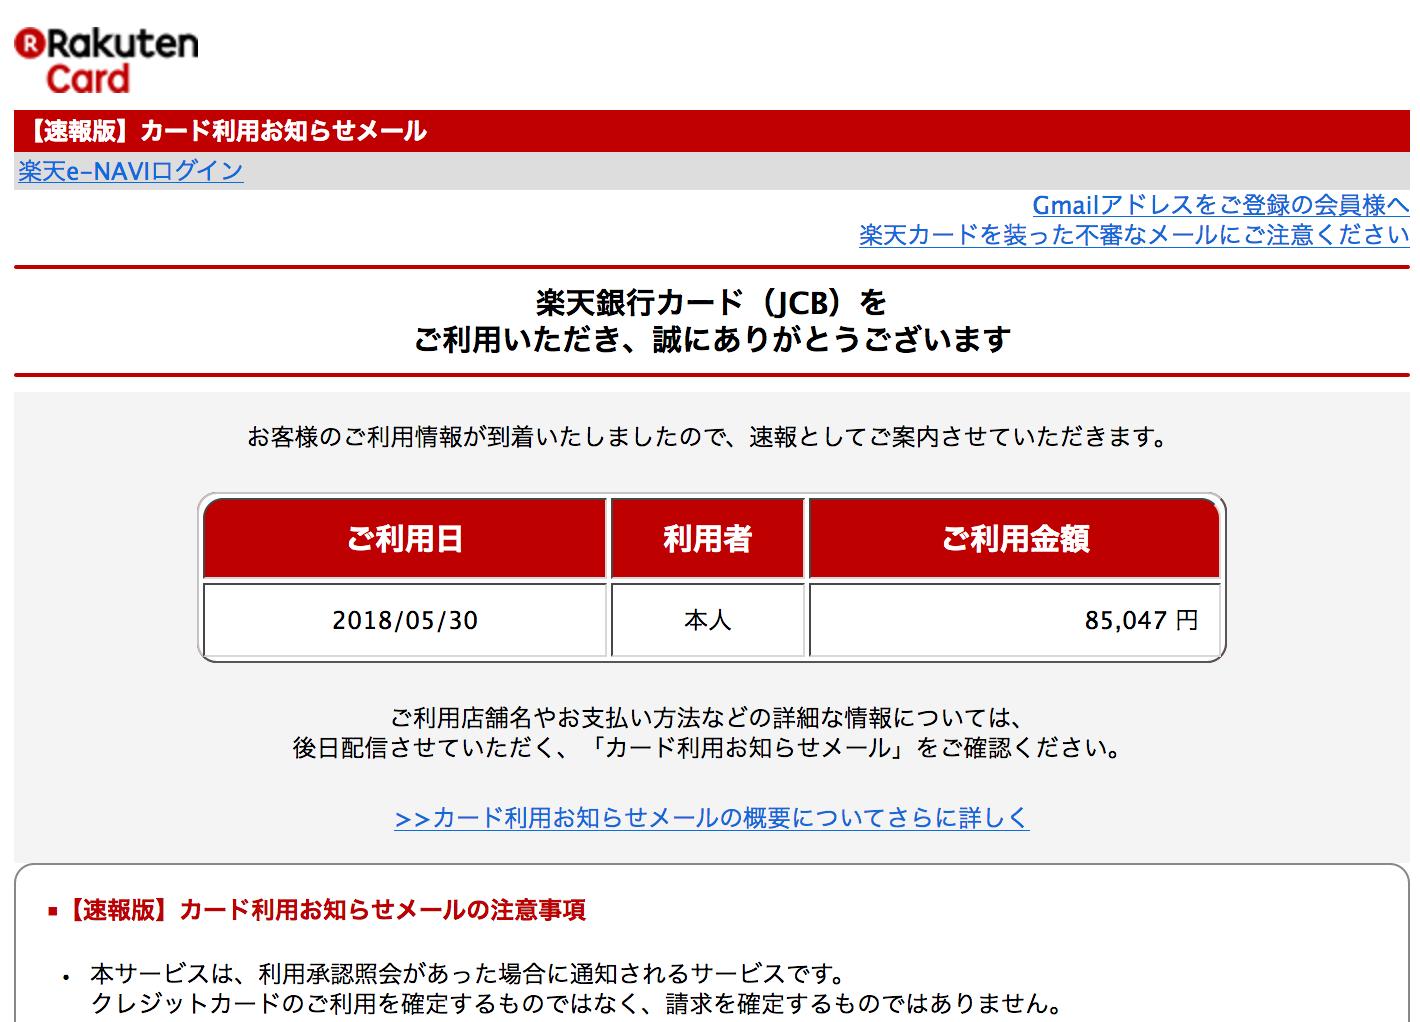 カード利用お知らせメール - rakuten-card.co.jp